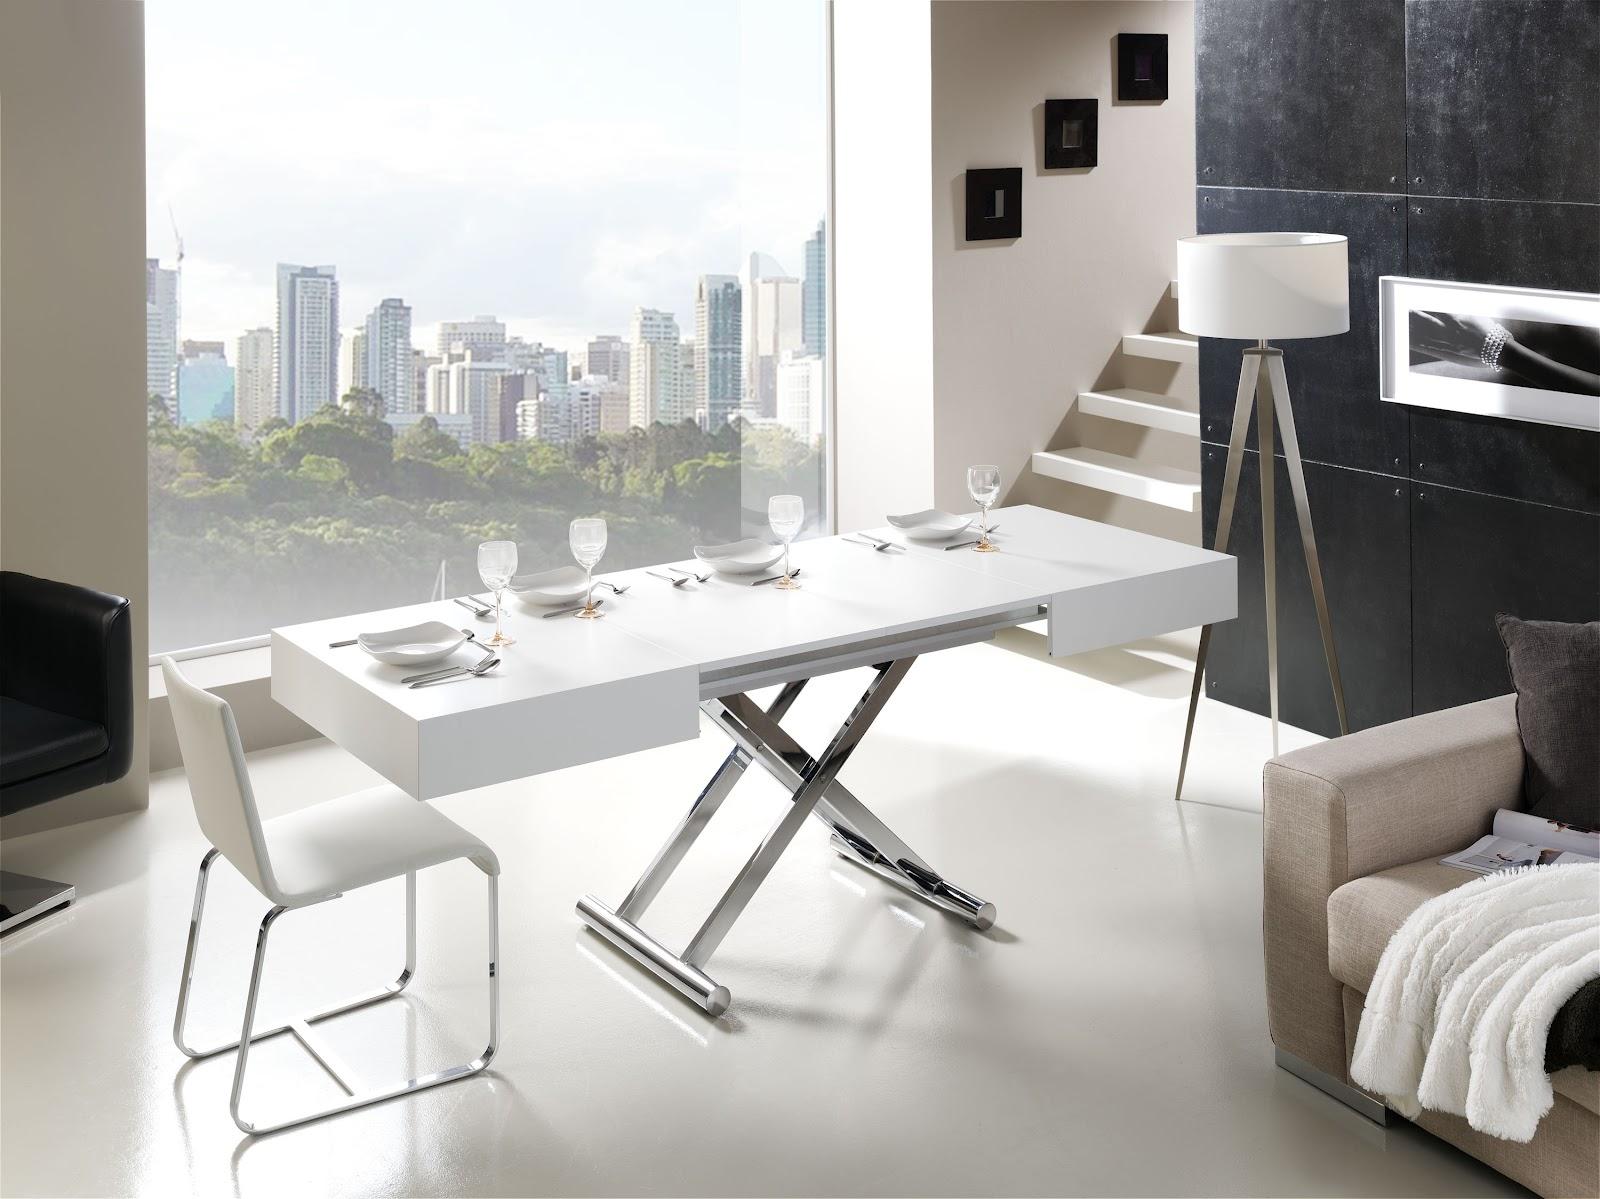 Mesas de centro elevables y extensibles a mesas de comedor